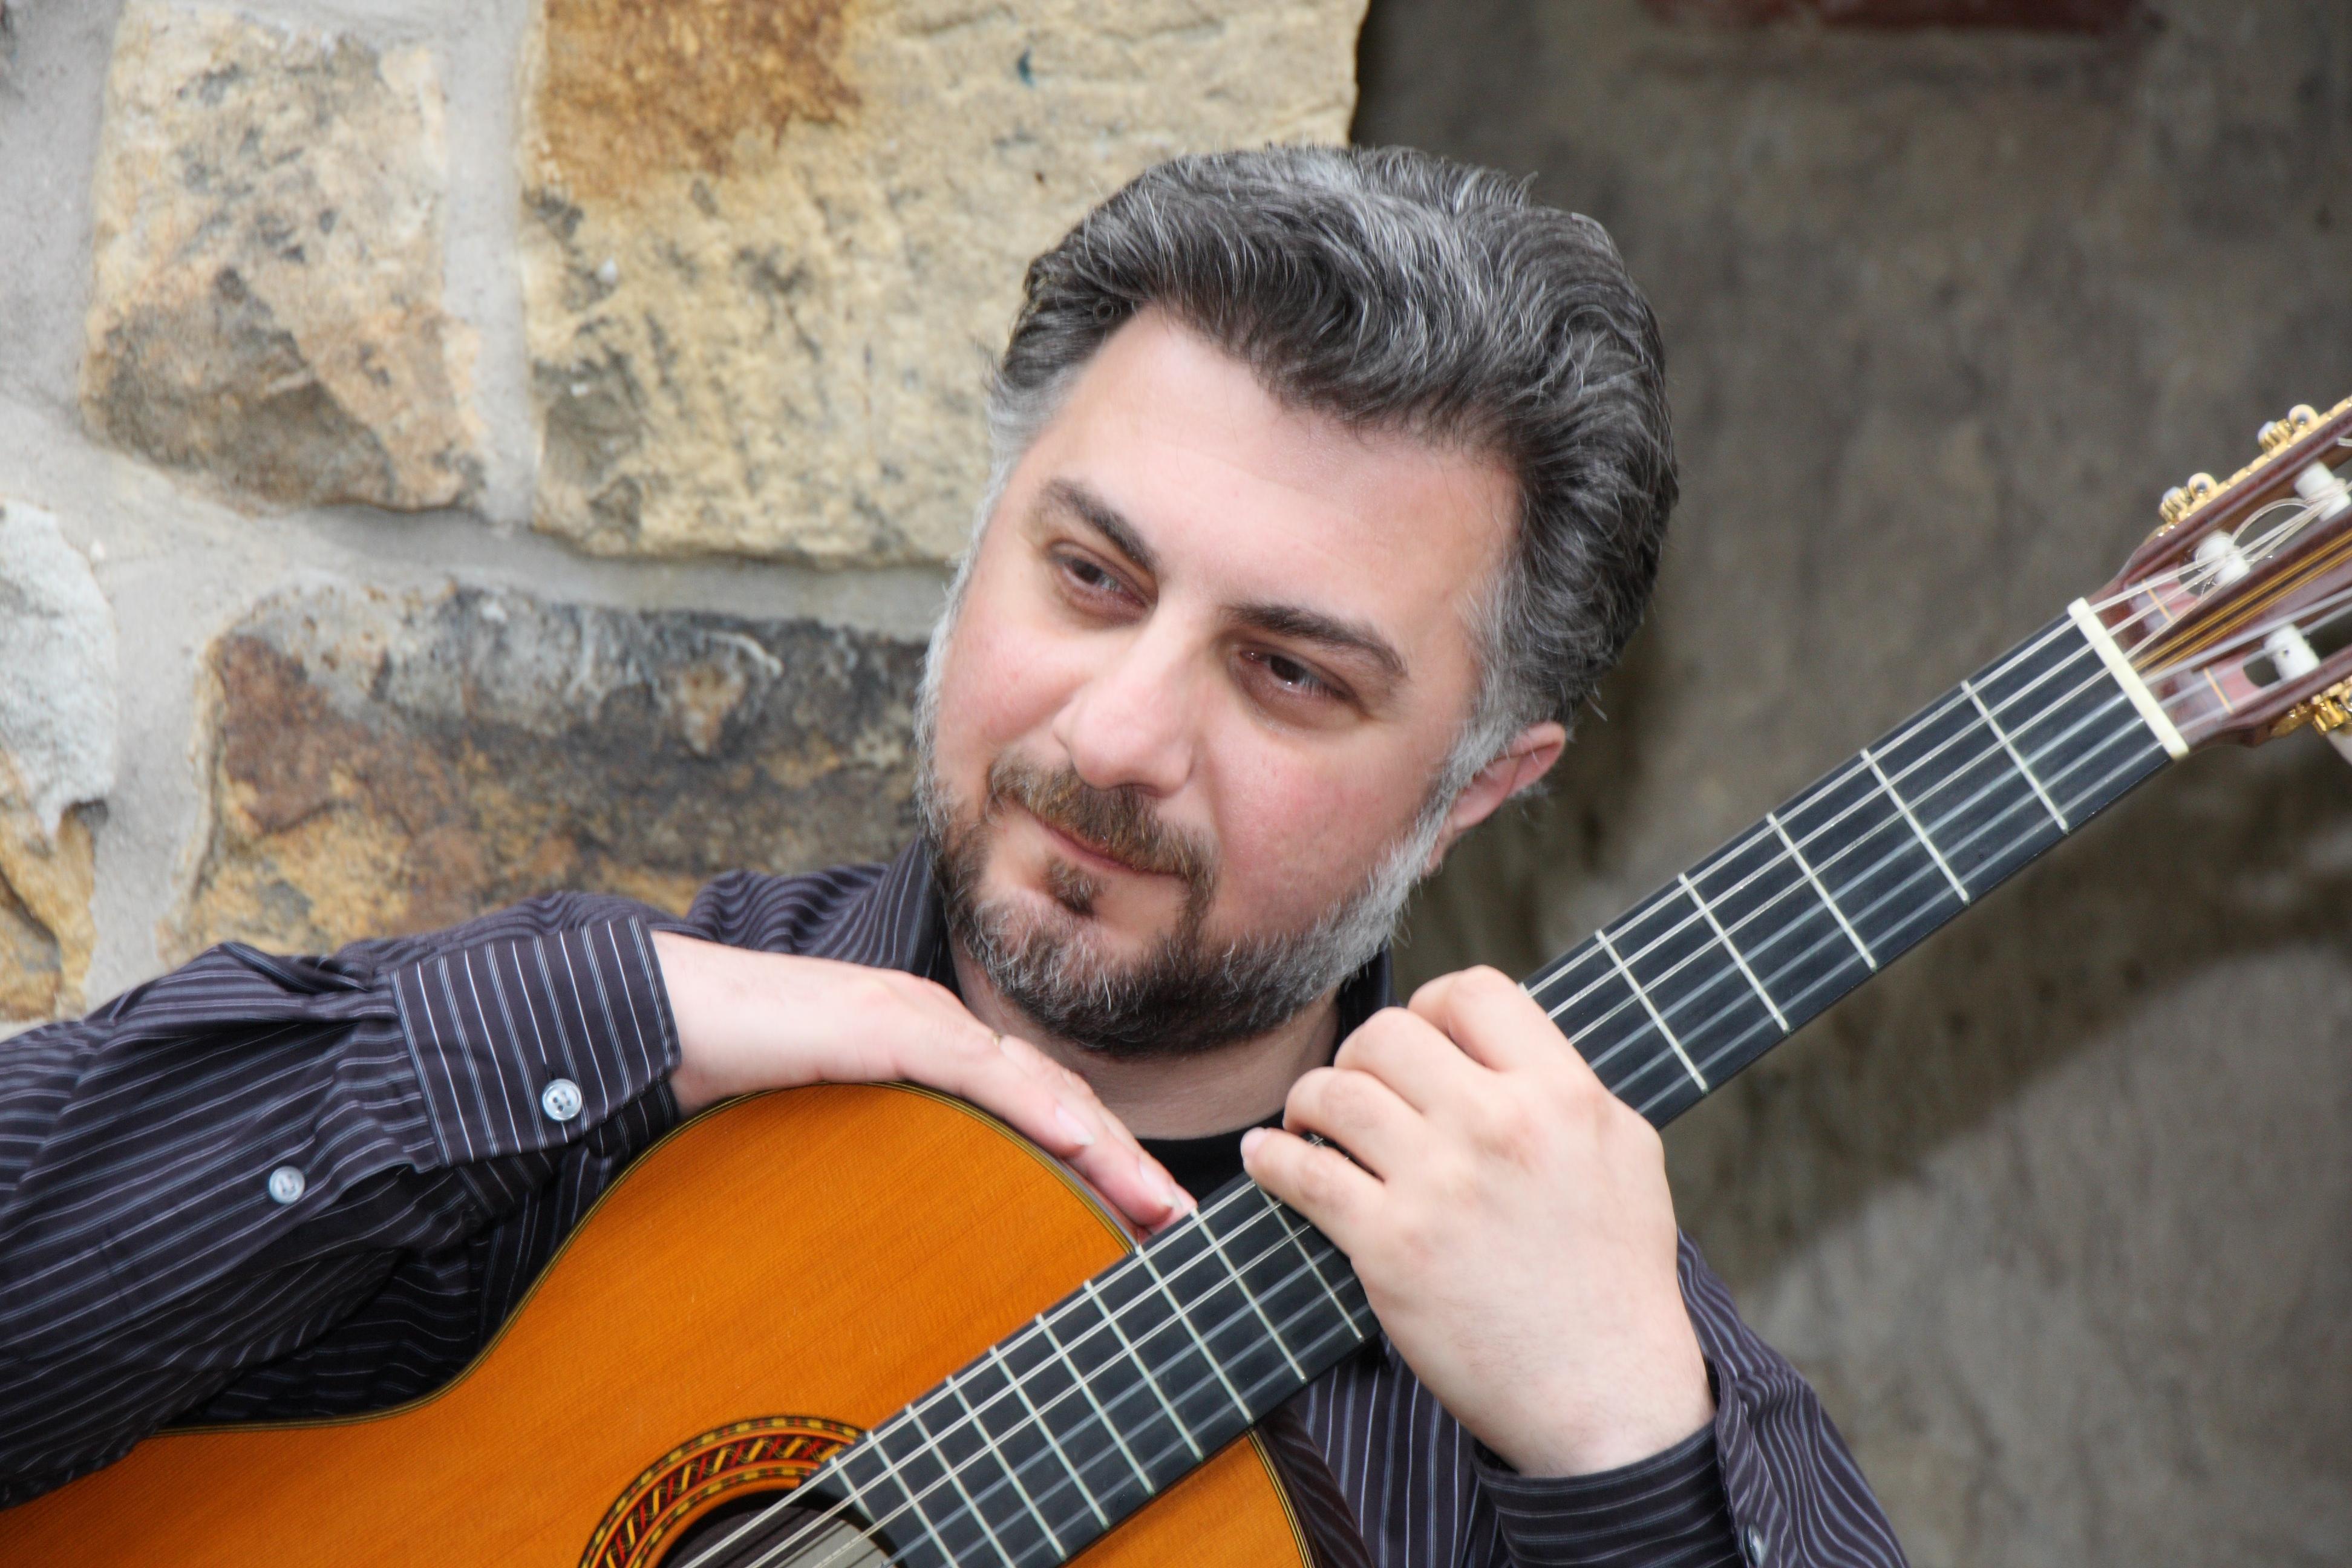 Kacha Metreveli